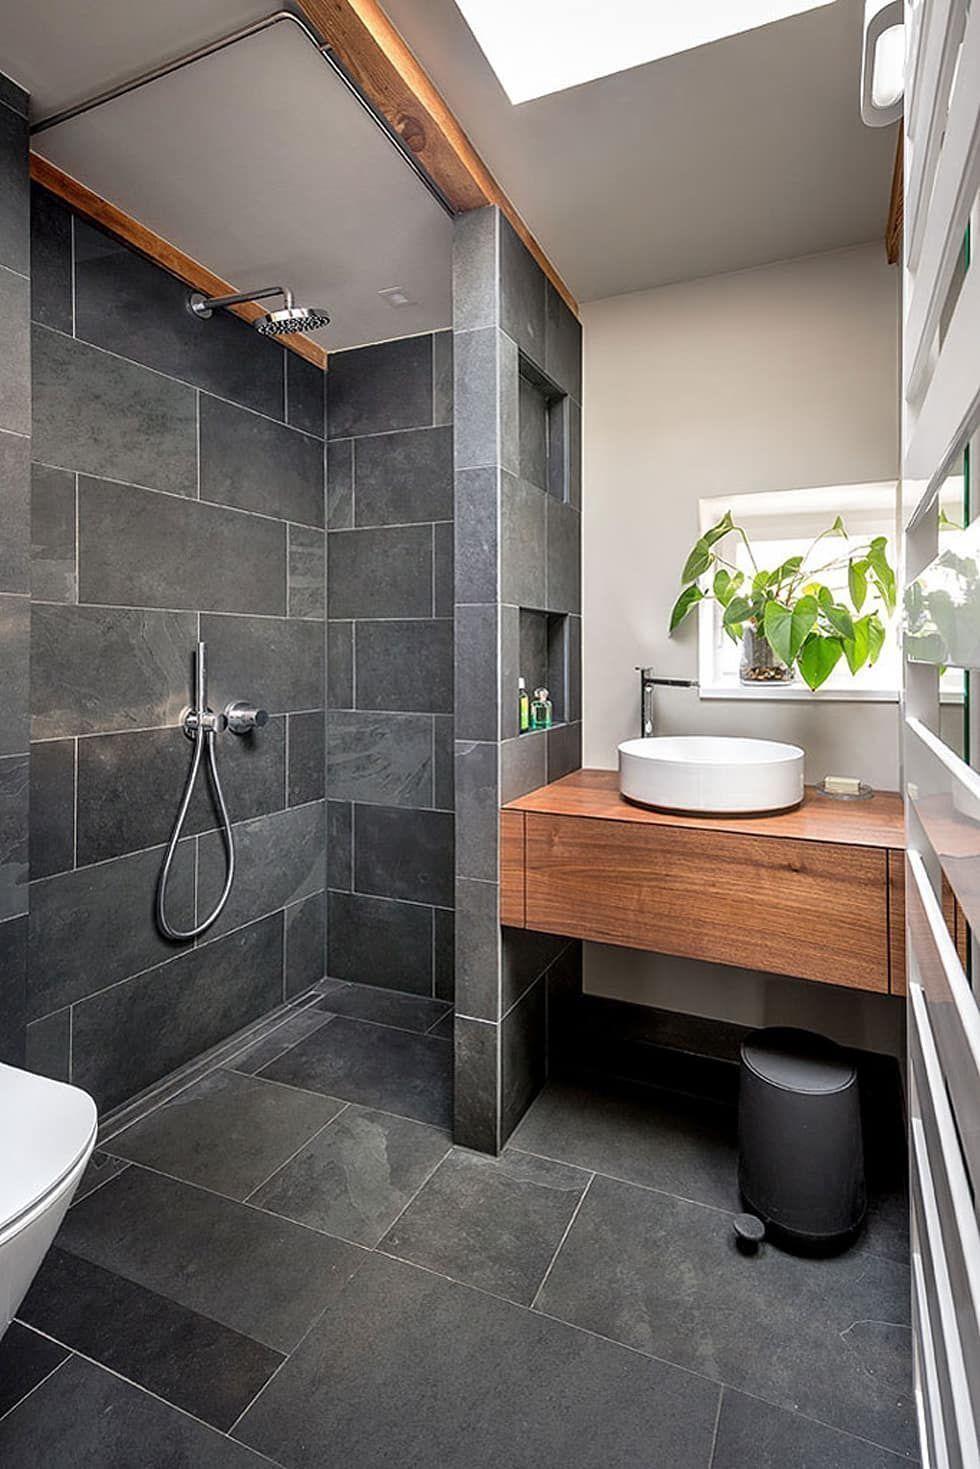 8 Bildergebnis Fur Bad Boden Anthrazit Holz Wohnen Badezimmer Eintagamsee Badezimmer Schwarz Minimalistisches Badezimmer Badezimmer Design